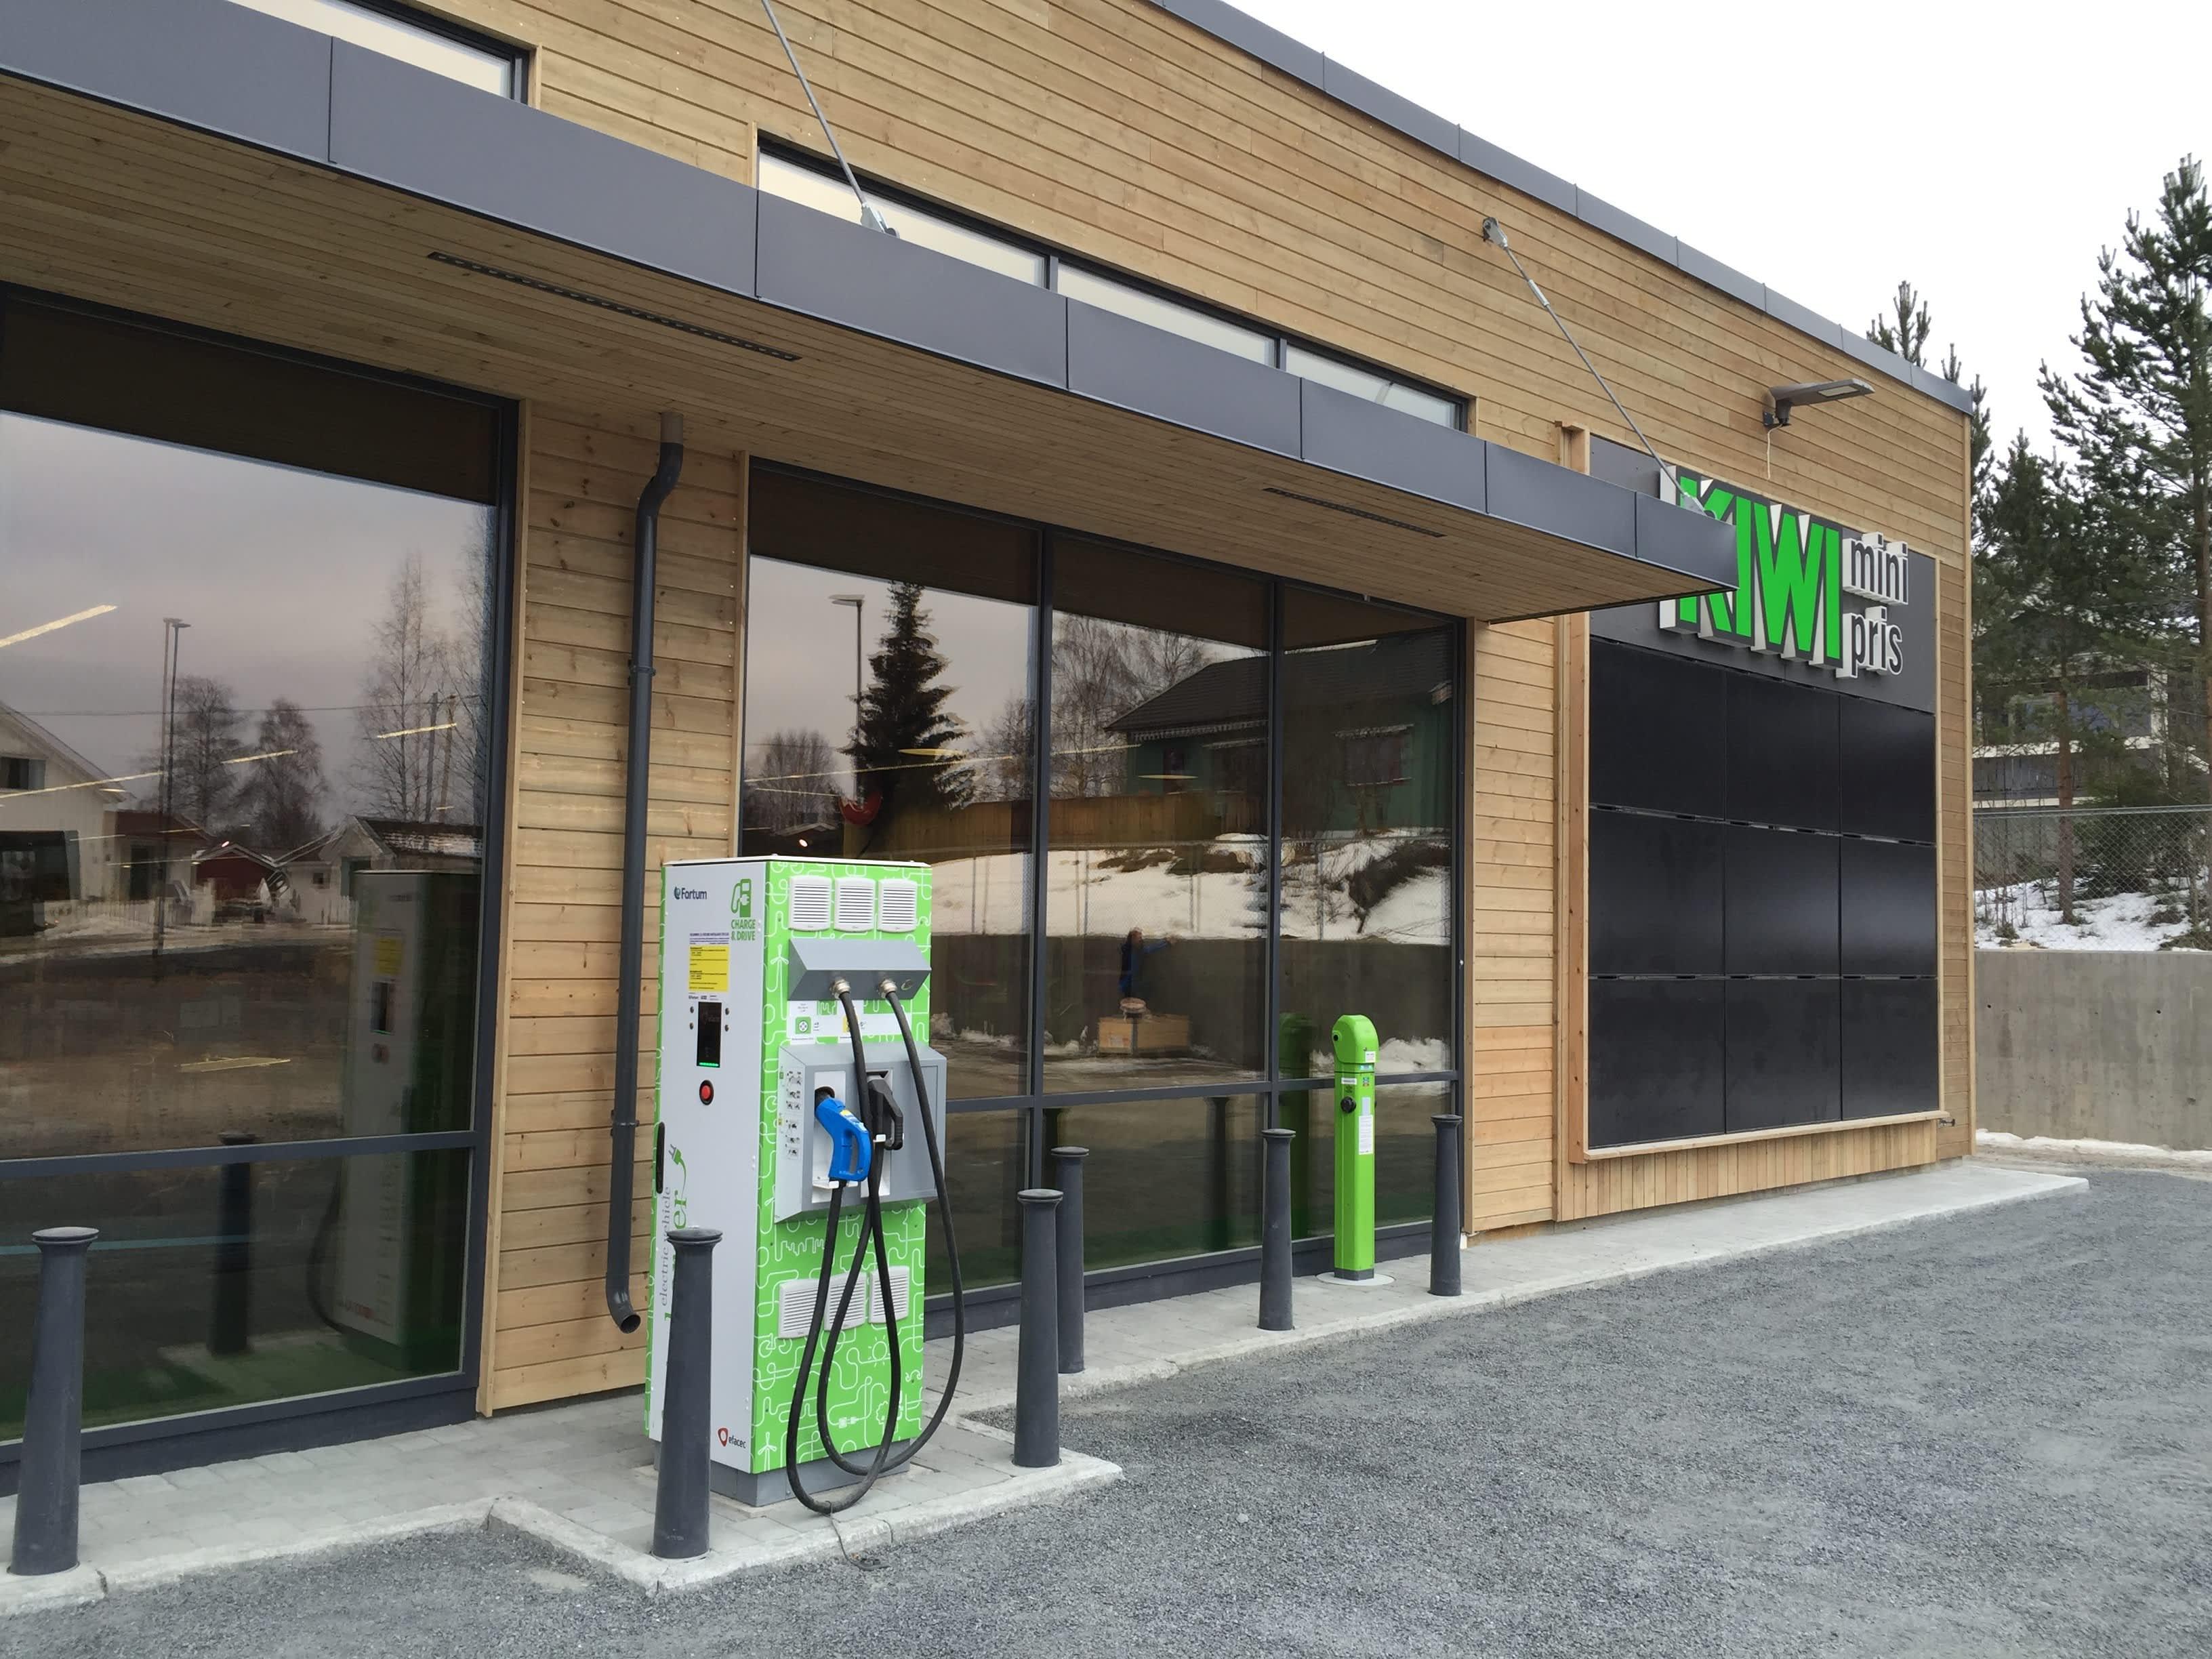 Overskuddsenergien fra butikken går blant annet til ladestasjoner for elbil og elsykler.